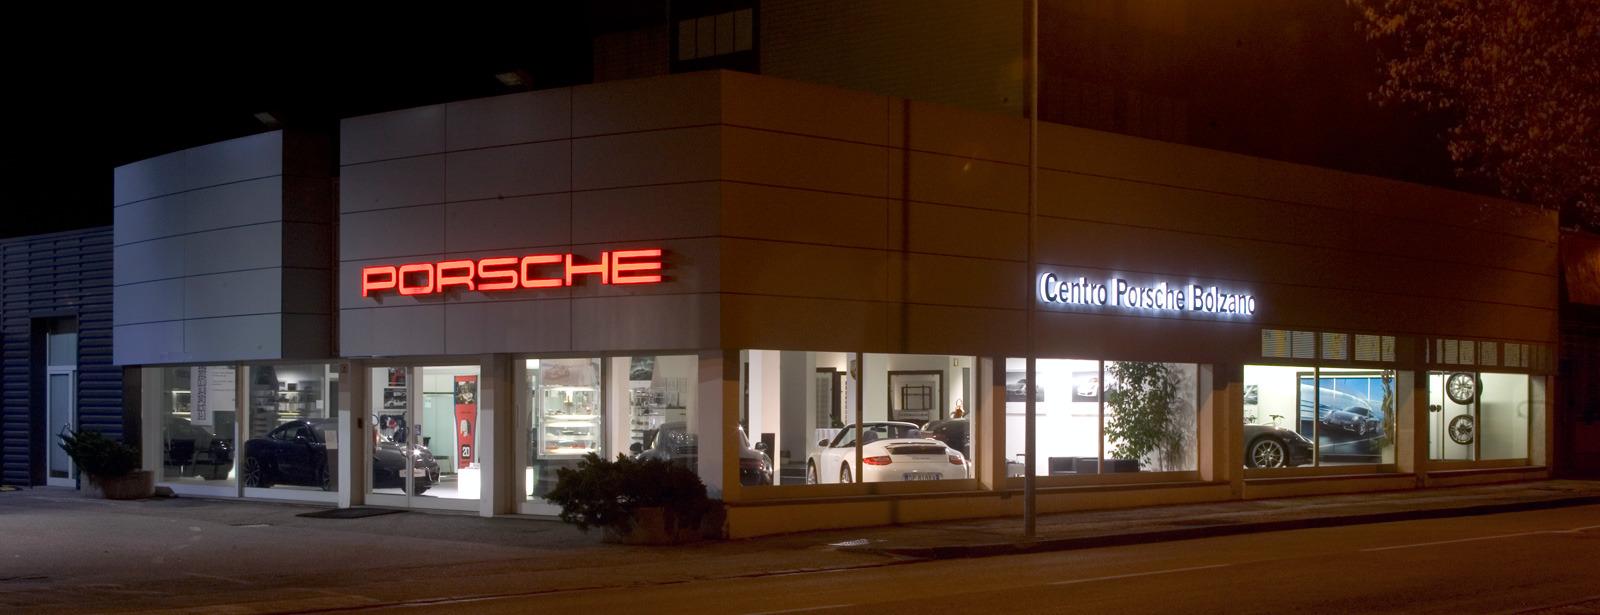 Centro Porsche Bolzano